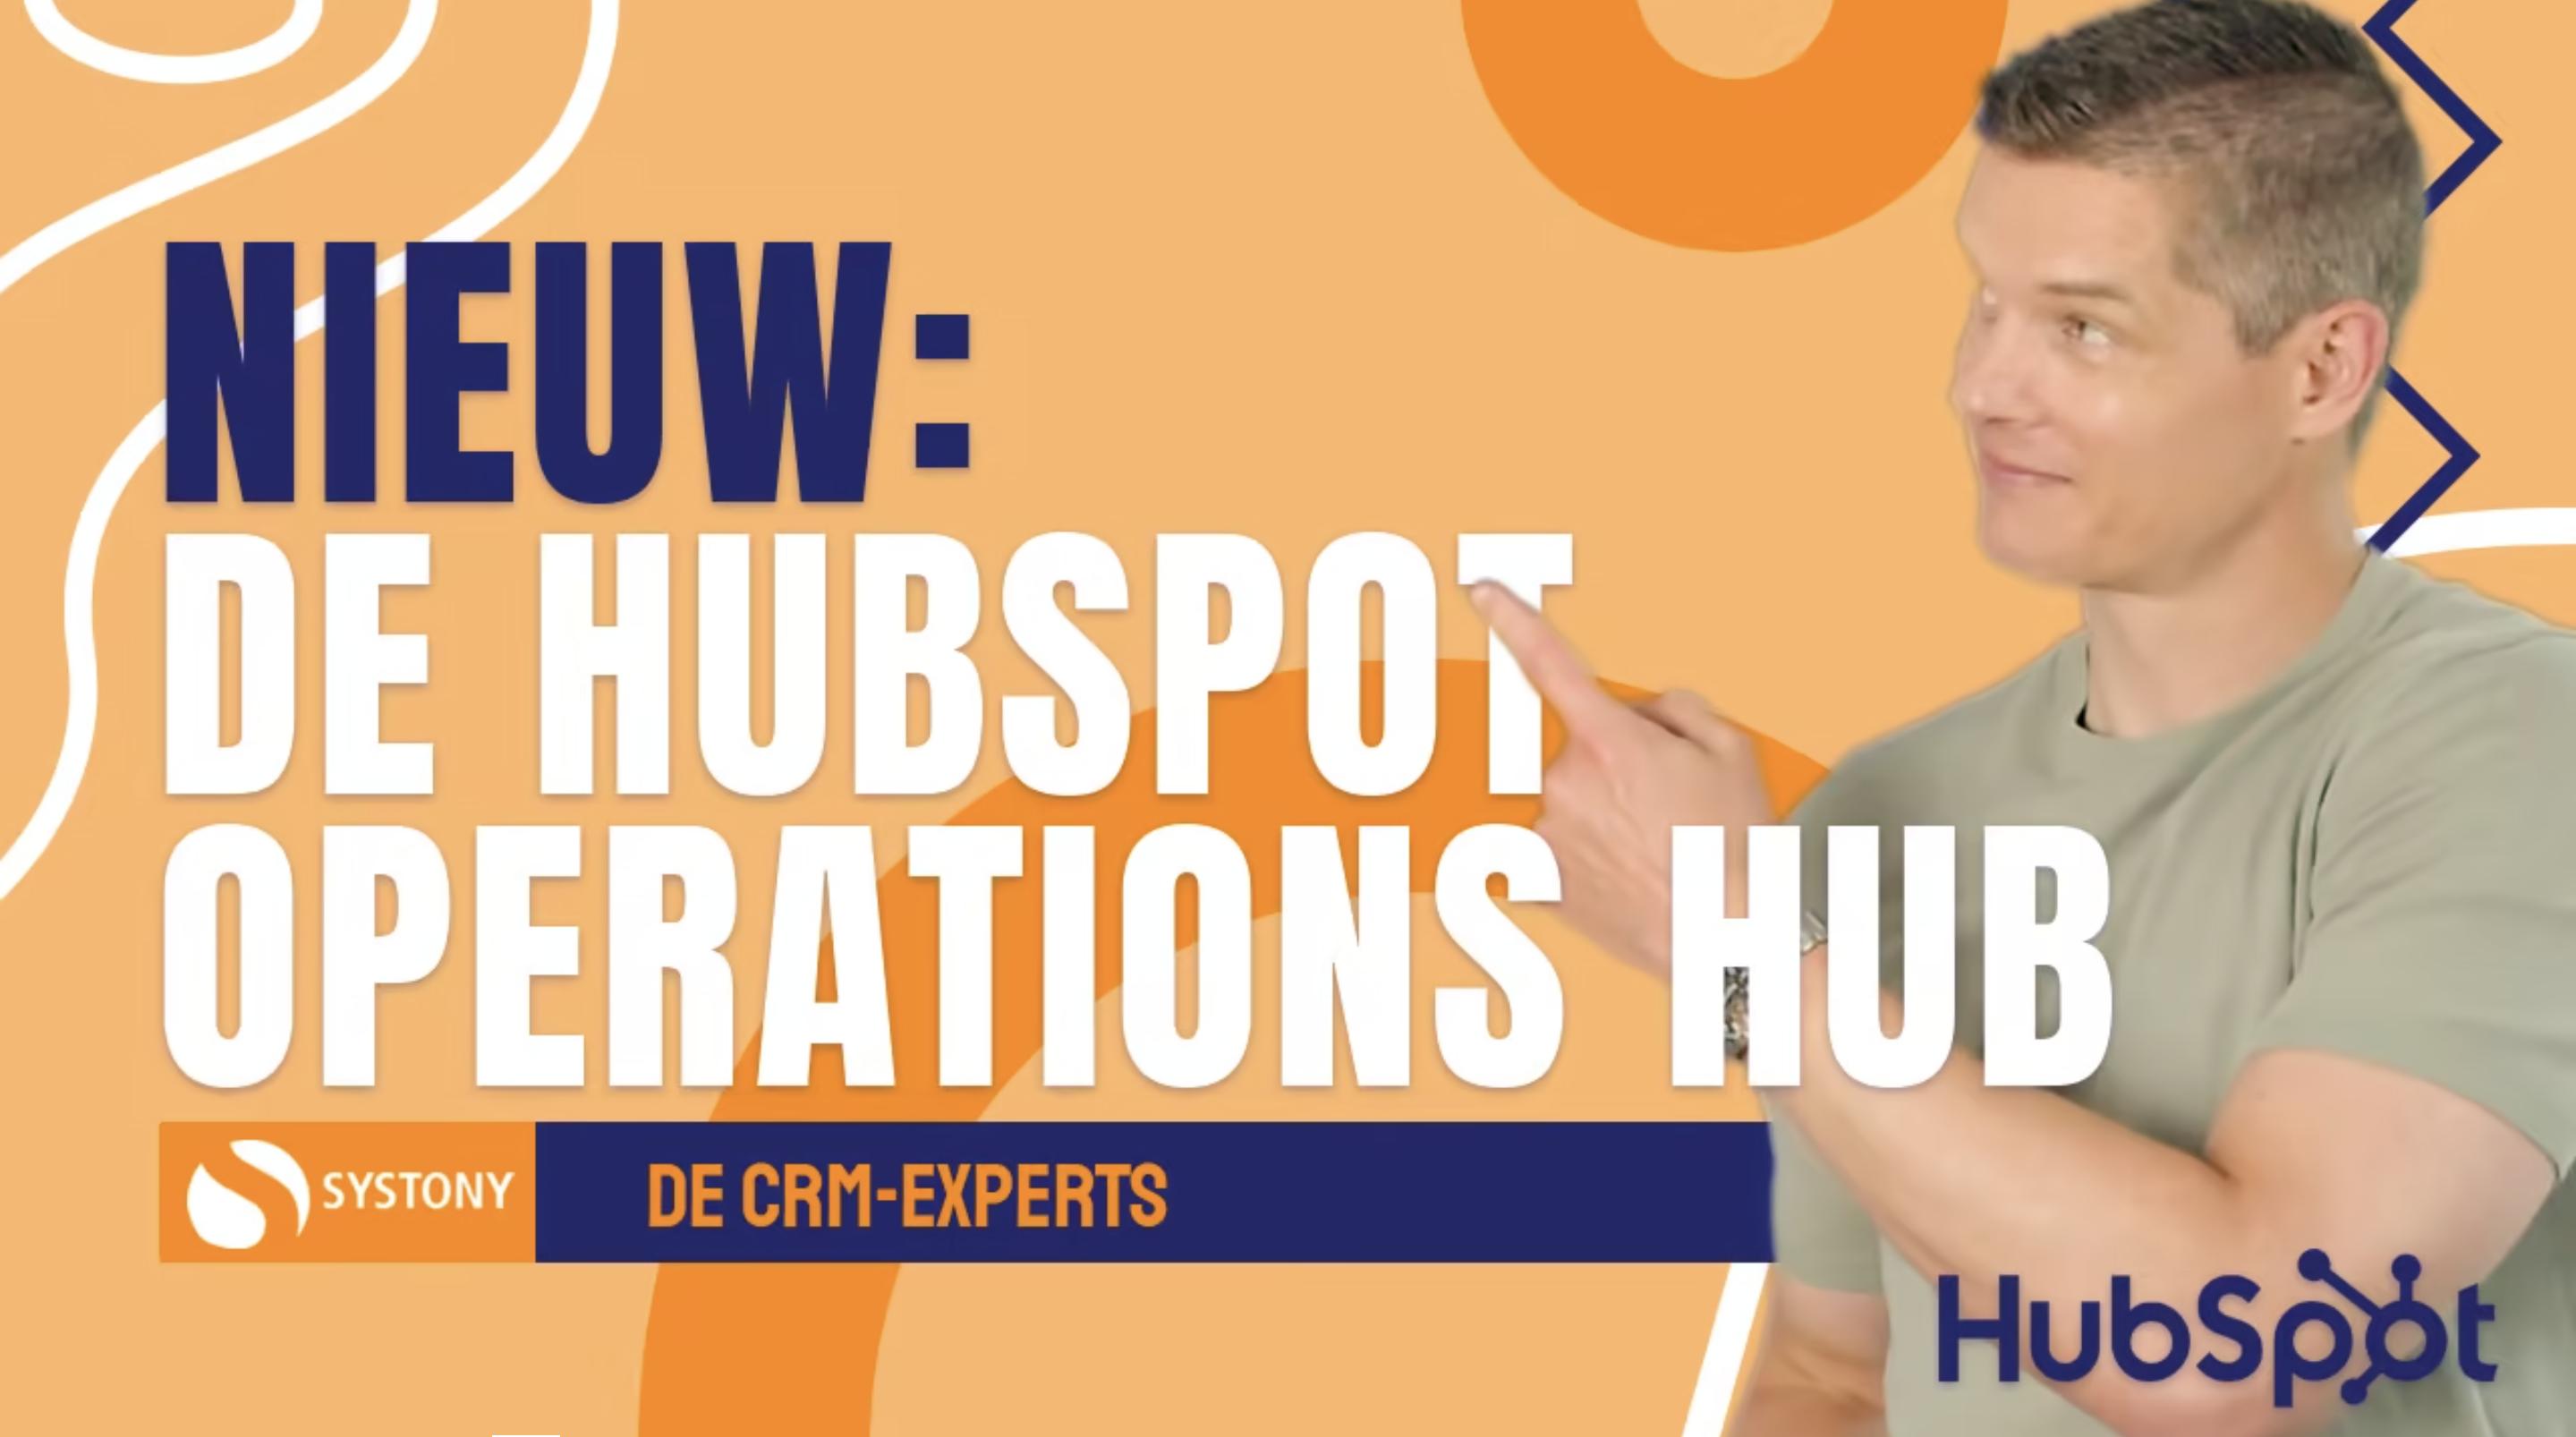 [VIDEO] Nieuw, de HubSpot Operations Hub